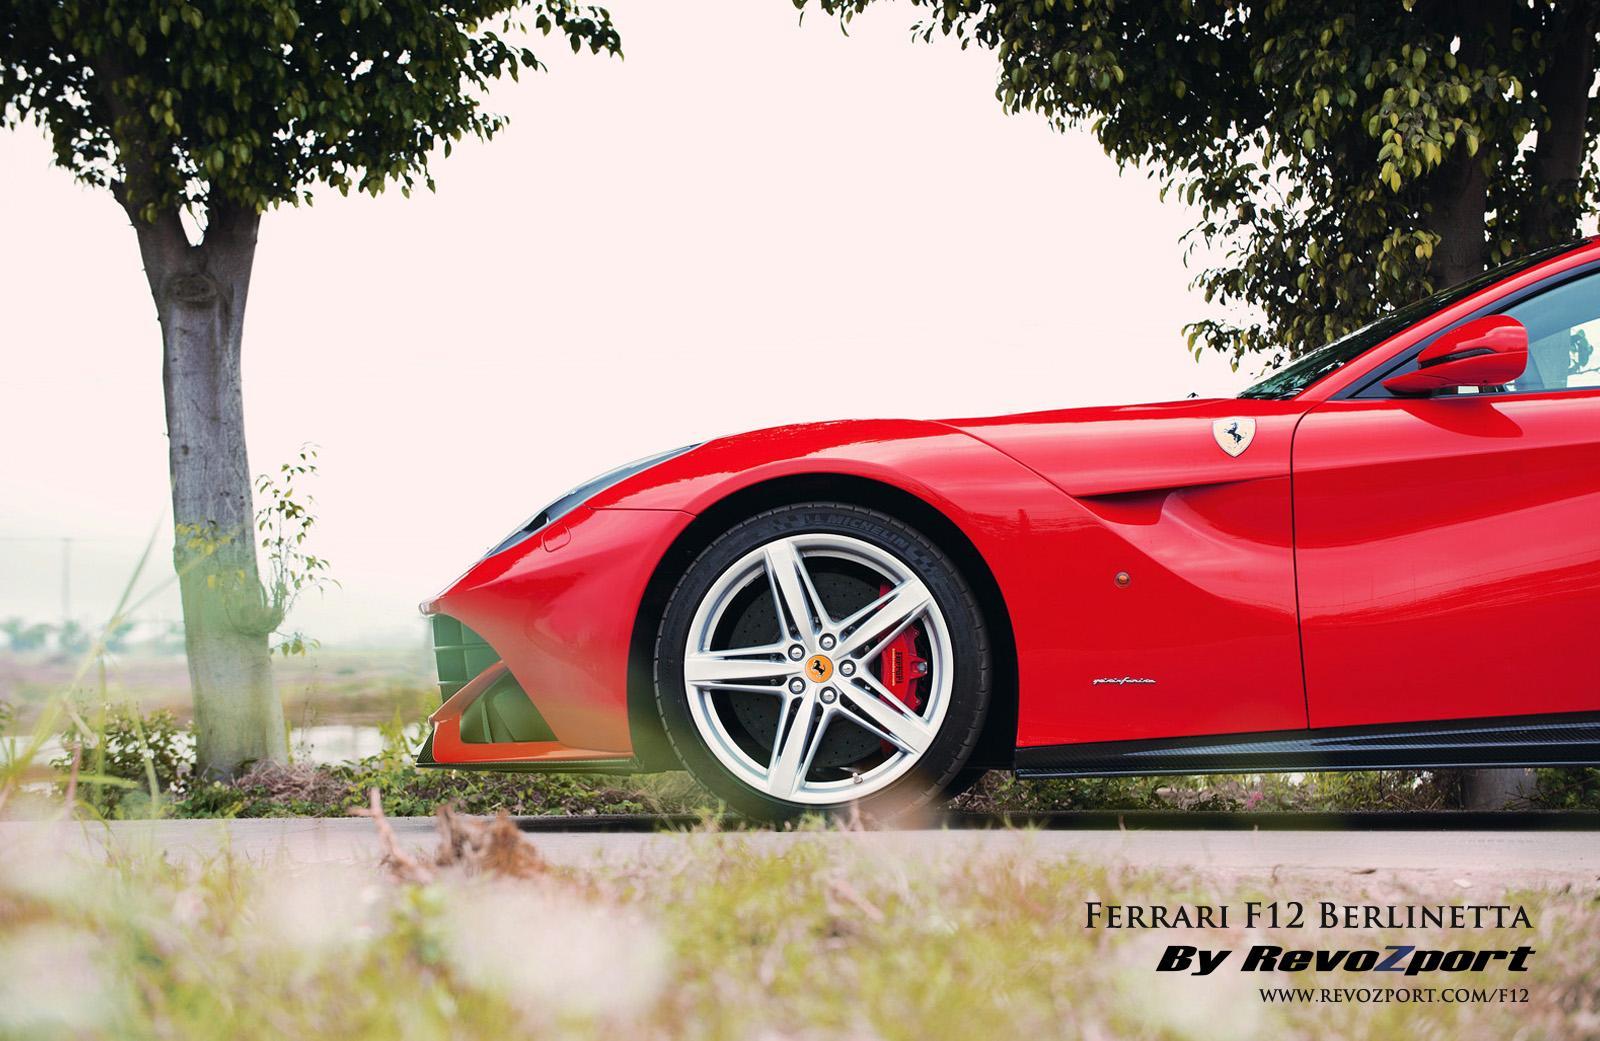 ferrari-f12berlinetta-revozport-ma-14